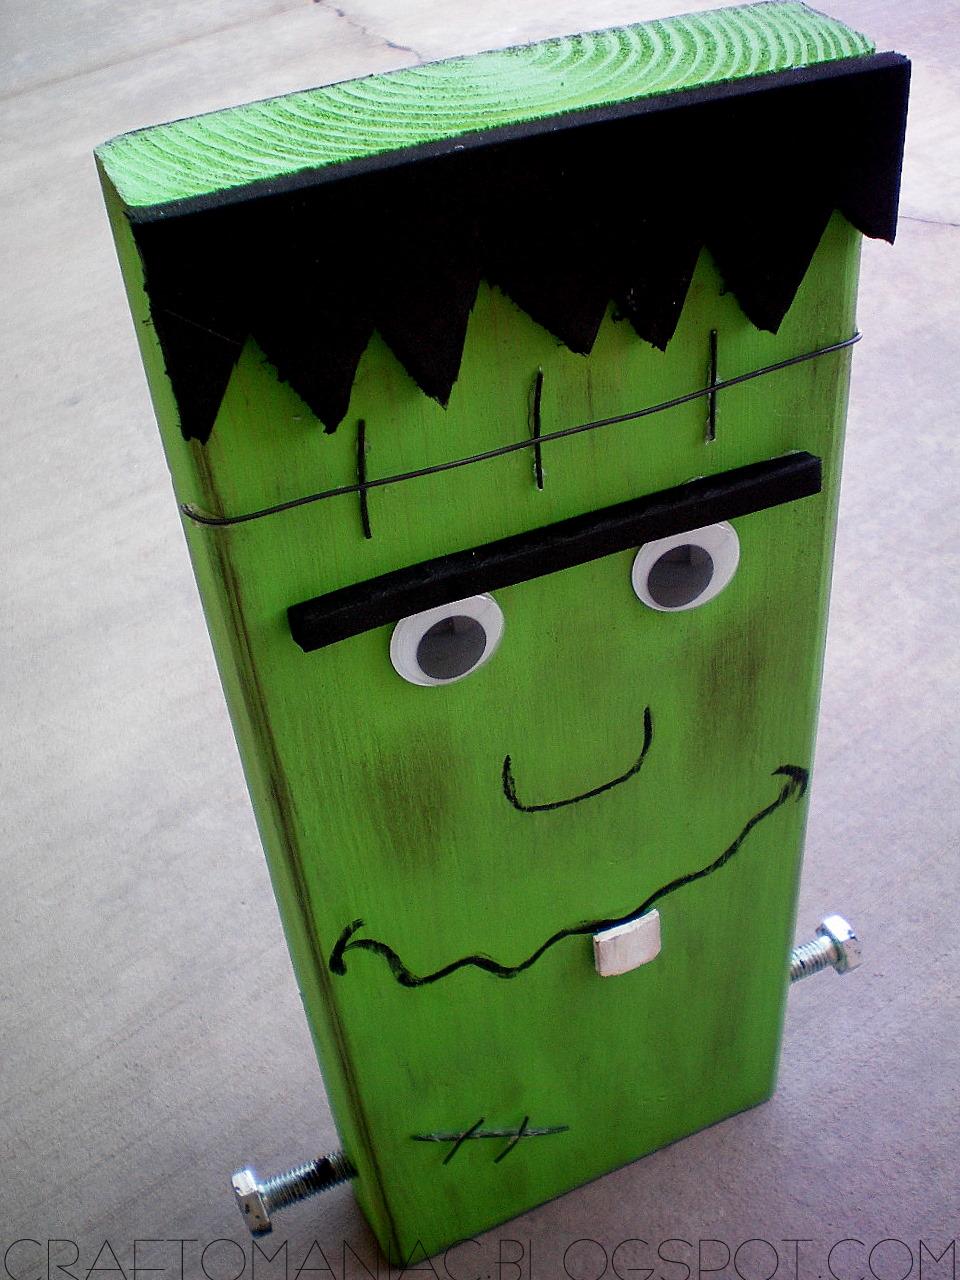 Meet. Mr. Block Head Franky & Meet. Mr. Block Head Franky - Craft-O-Maniac